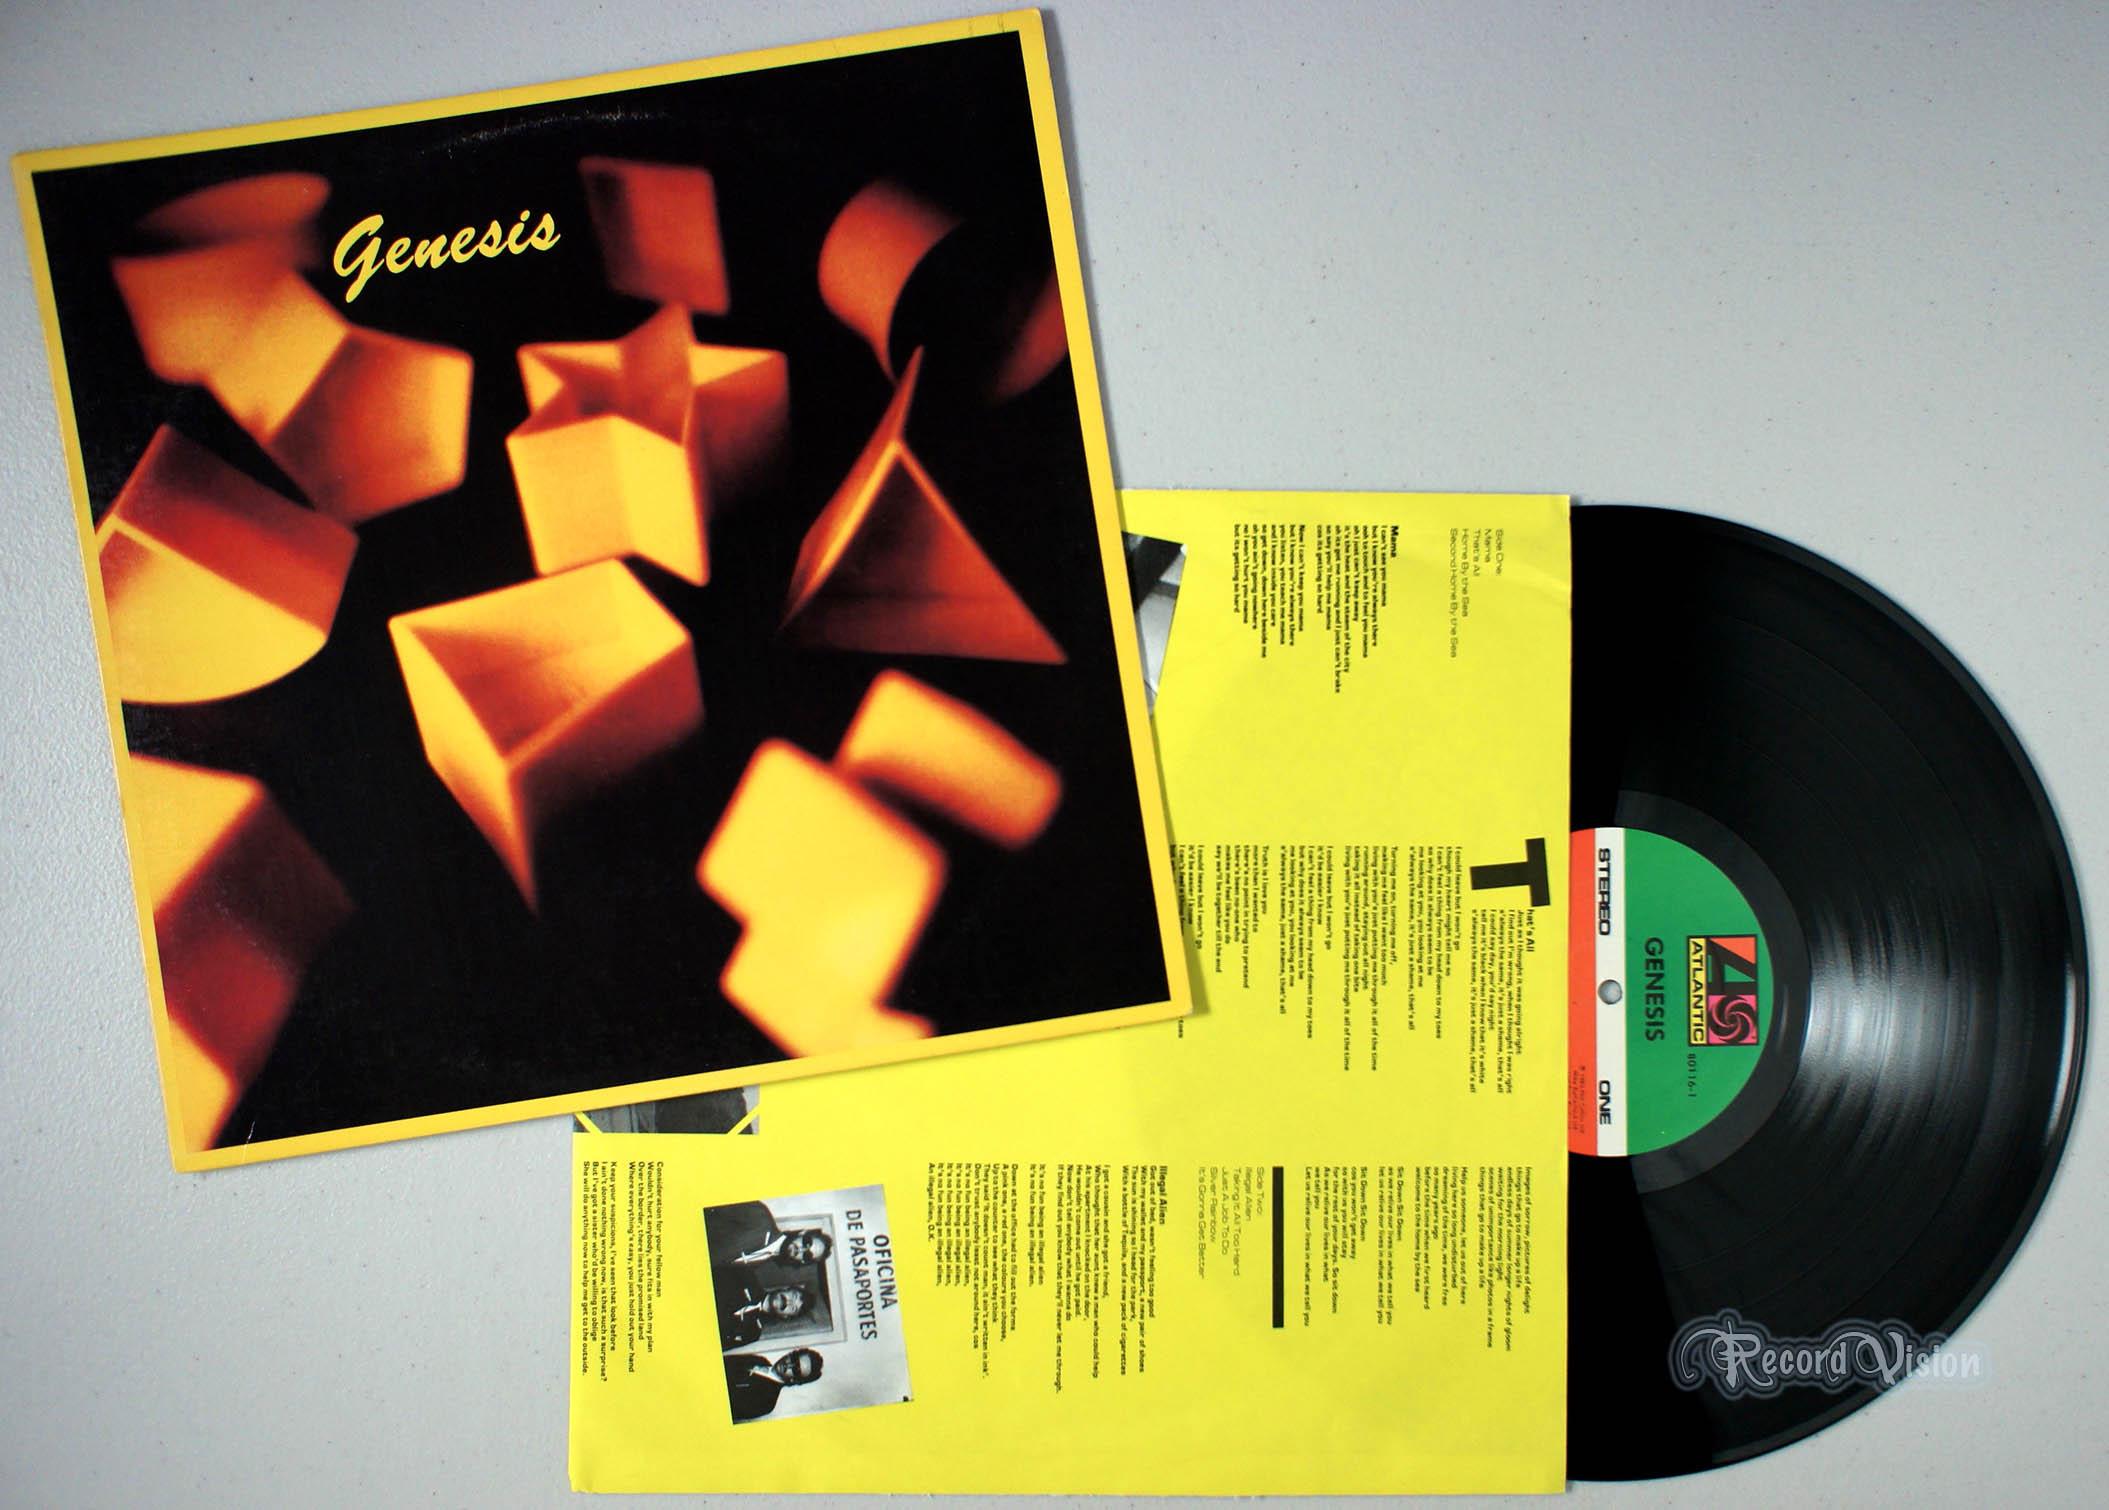 Genesis - Genesis EP